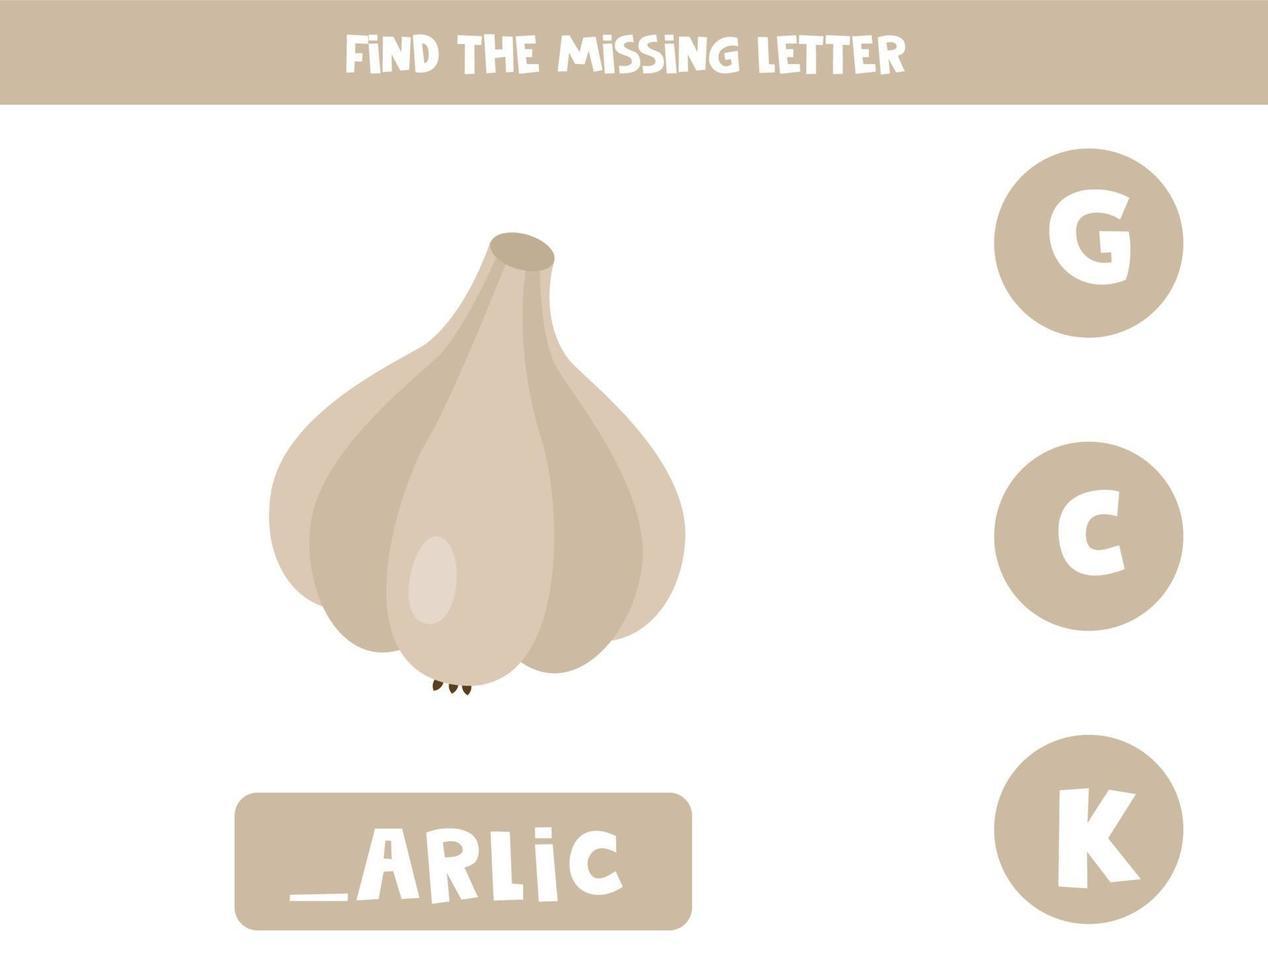 trova la lettera mancante e scrivila. aglio simpatico cartone animato. vettore